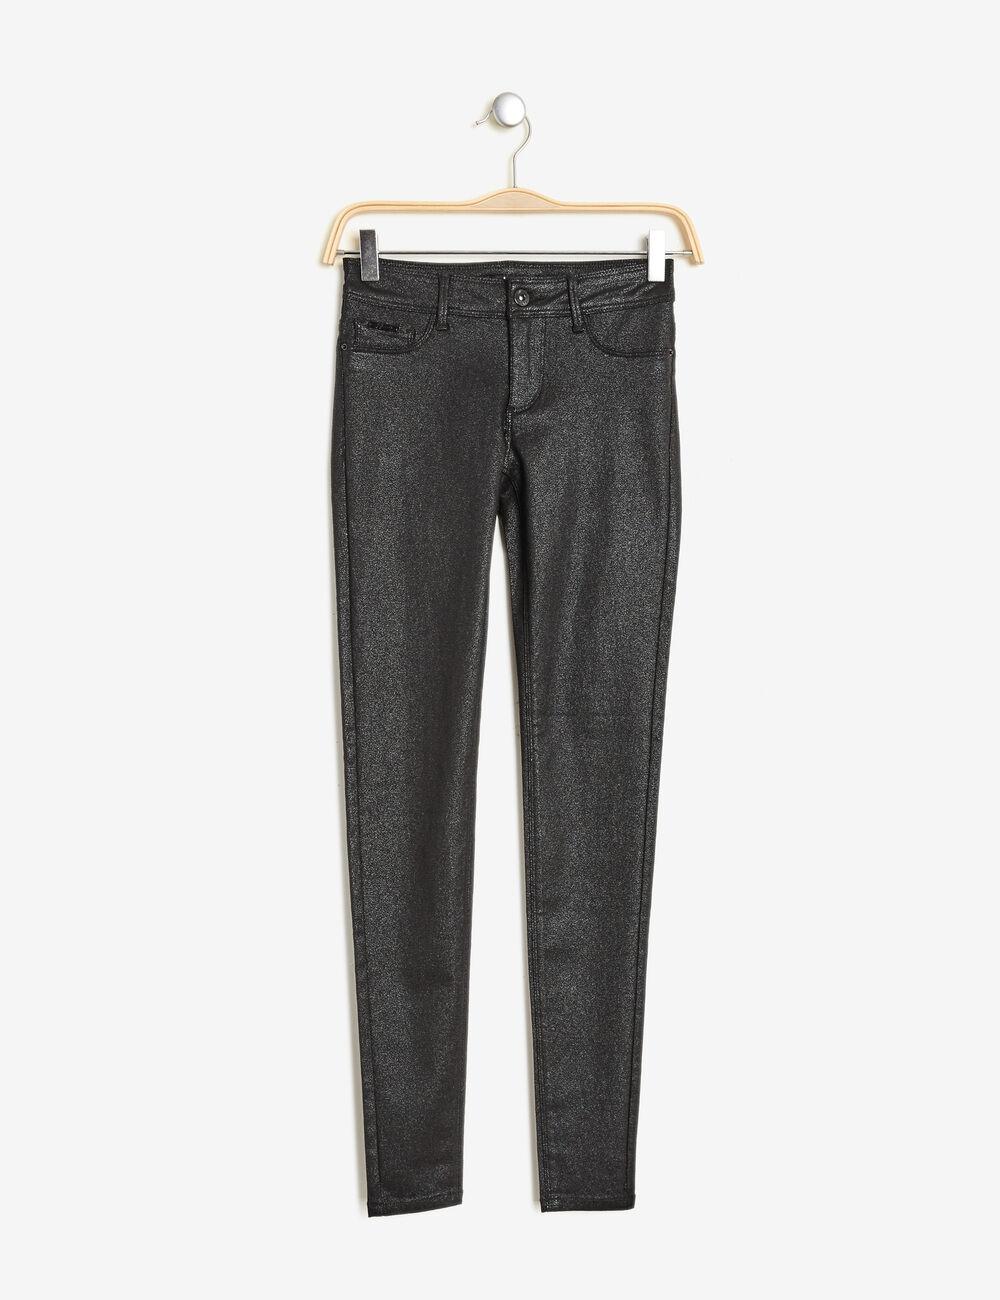 pantalon enduit brillant noir femme jennyfer. Black Bedroom Furniture Sets. Home Design Ideas